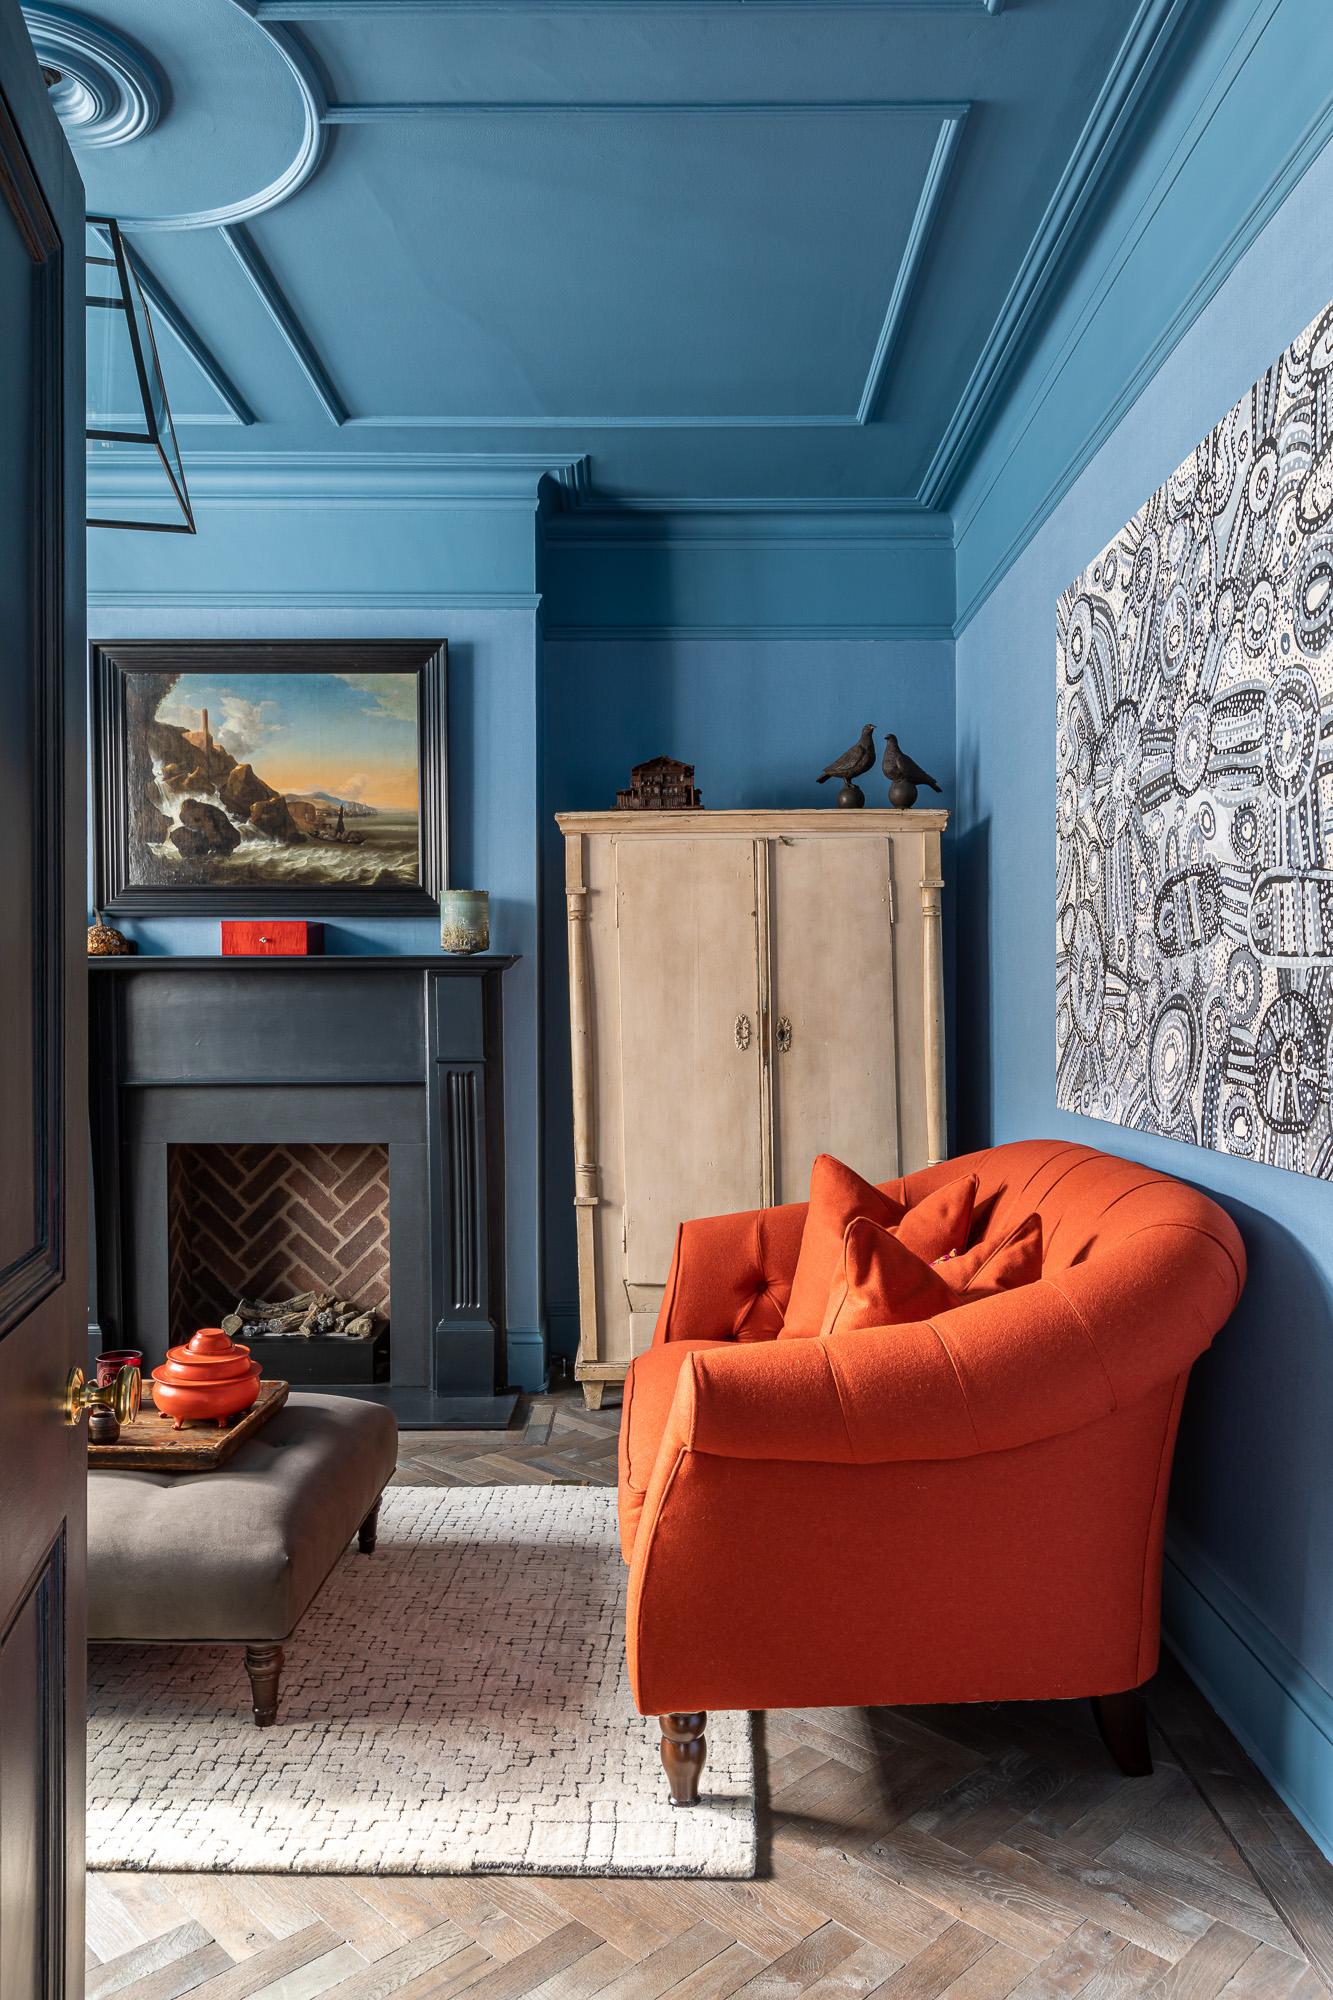 jonathan bond, interior photographer, living room velvet sofa, clapham, london